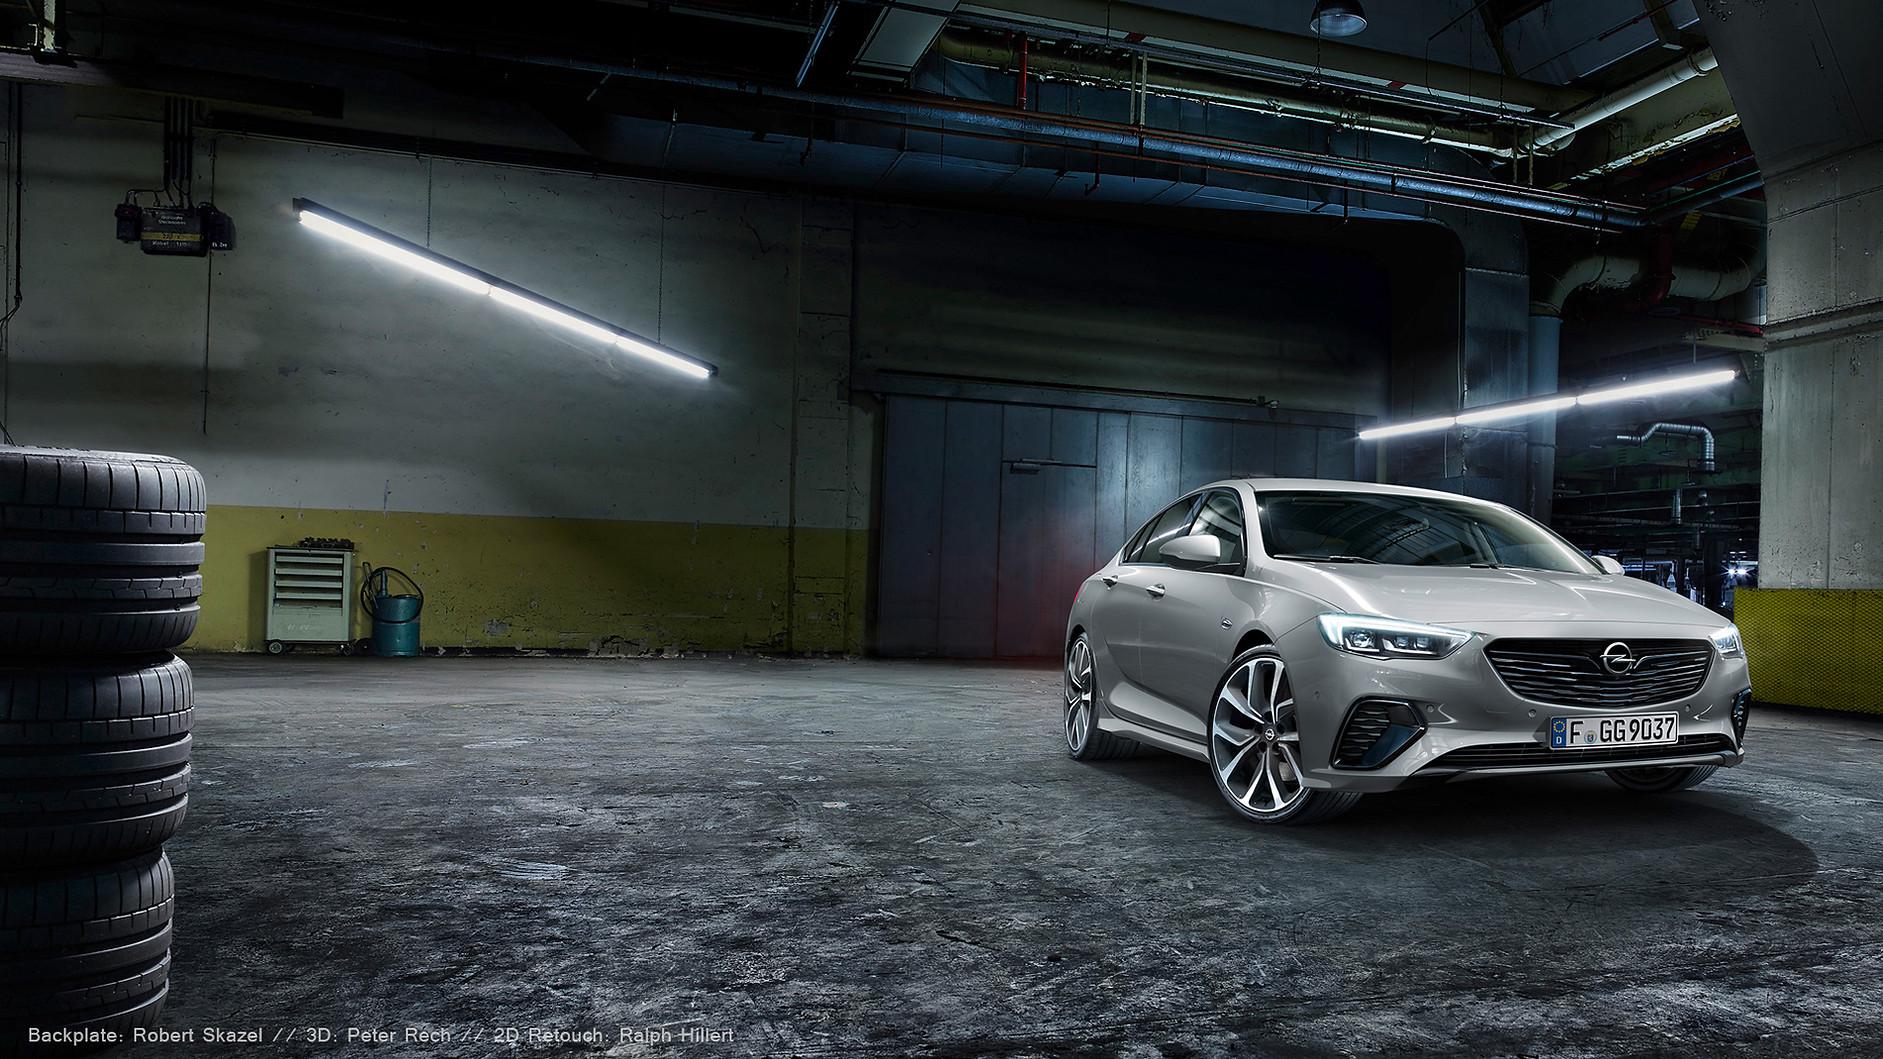 Opel_Insignia_02.jpg